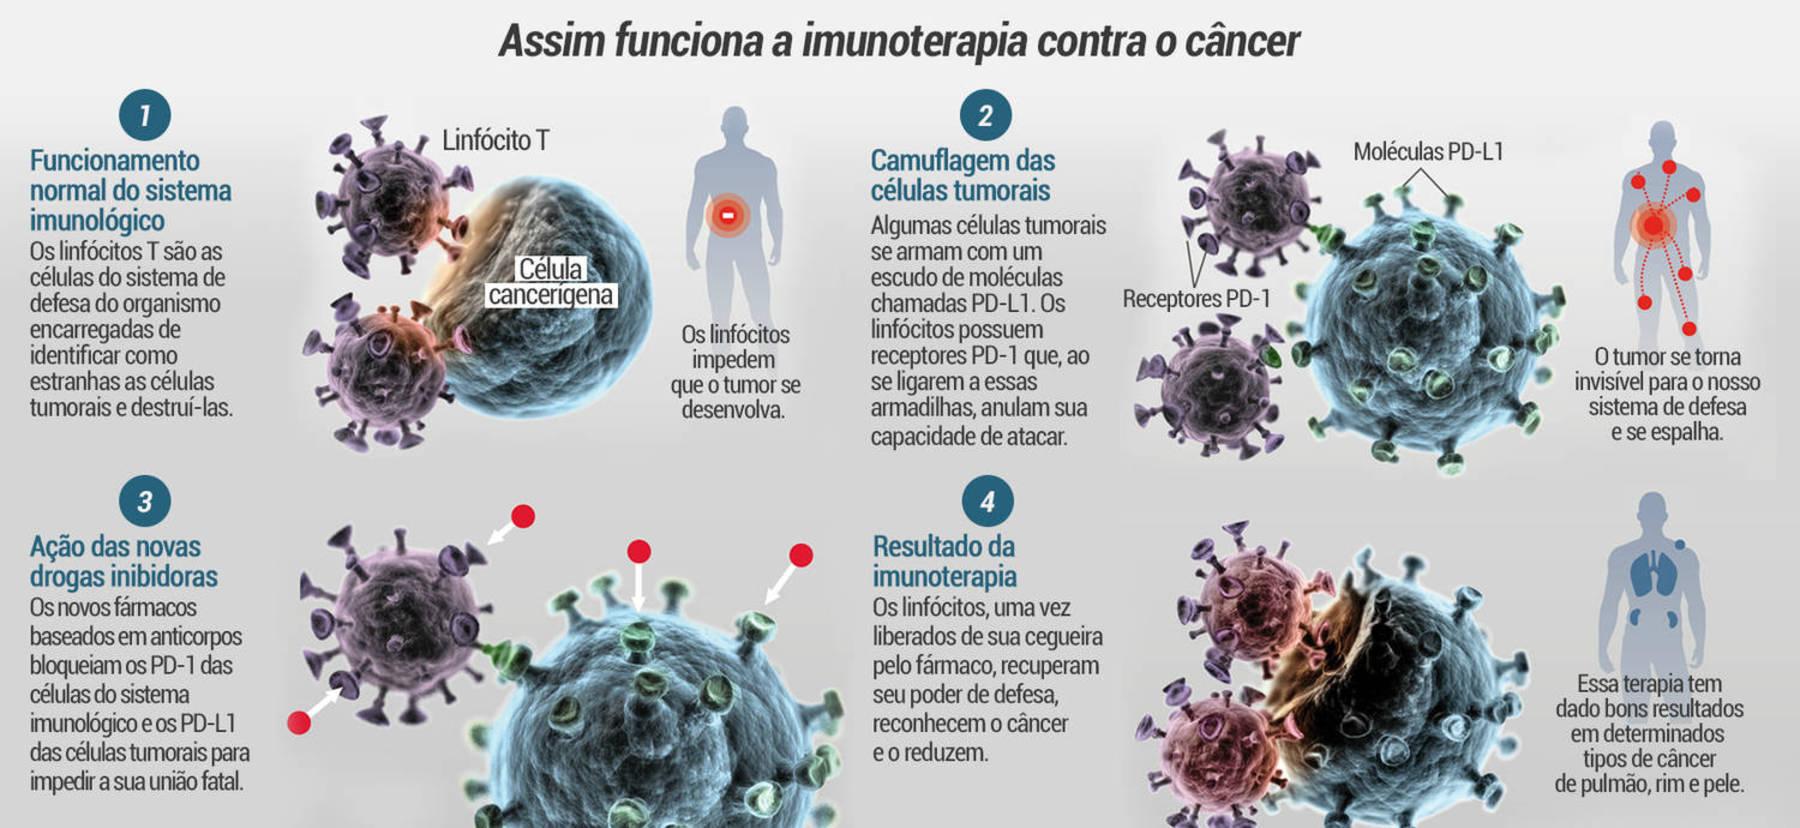 https://img.r7.com/images/cura-do-cancer-r7-estudio-infografico-imunoterapia-11112019145249495